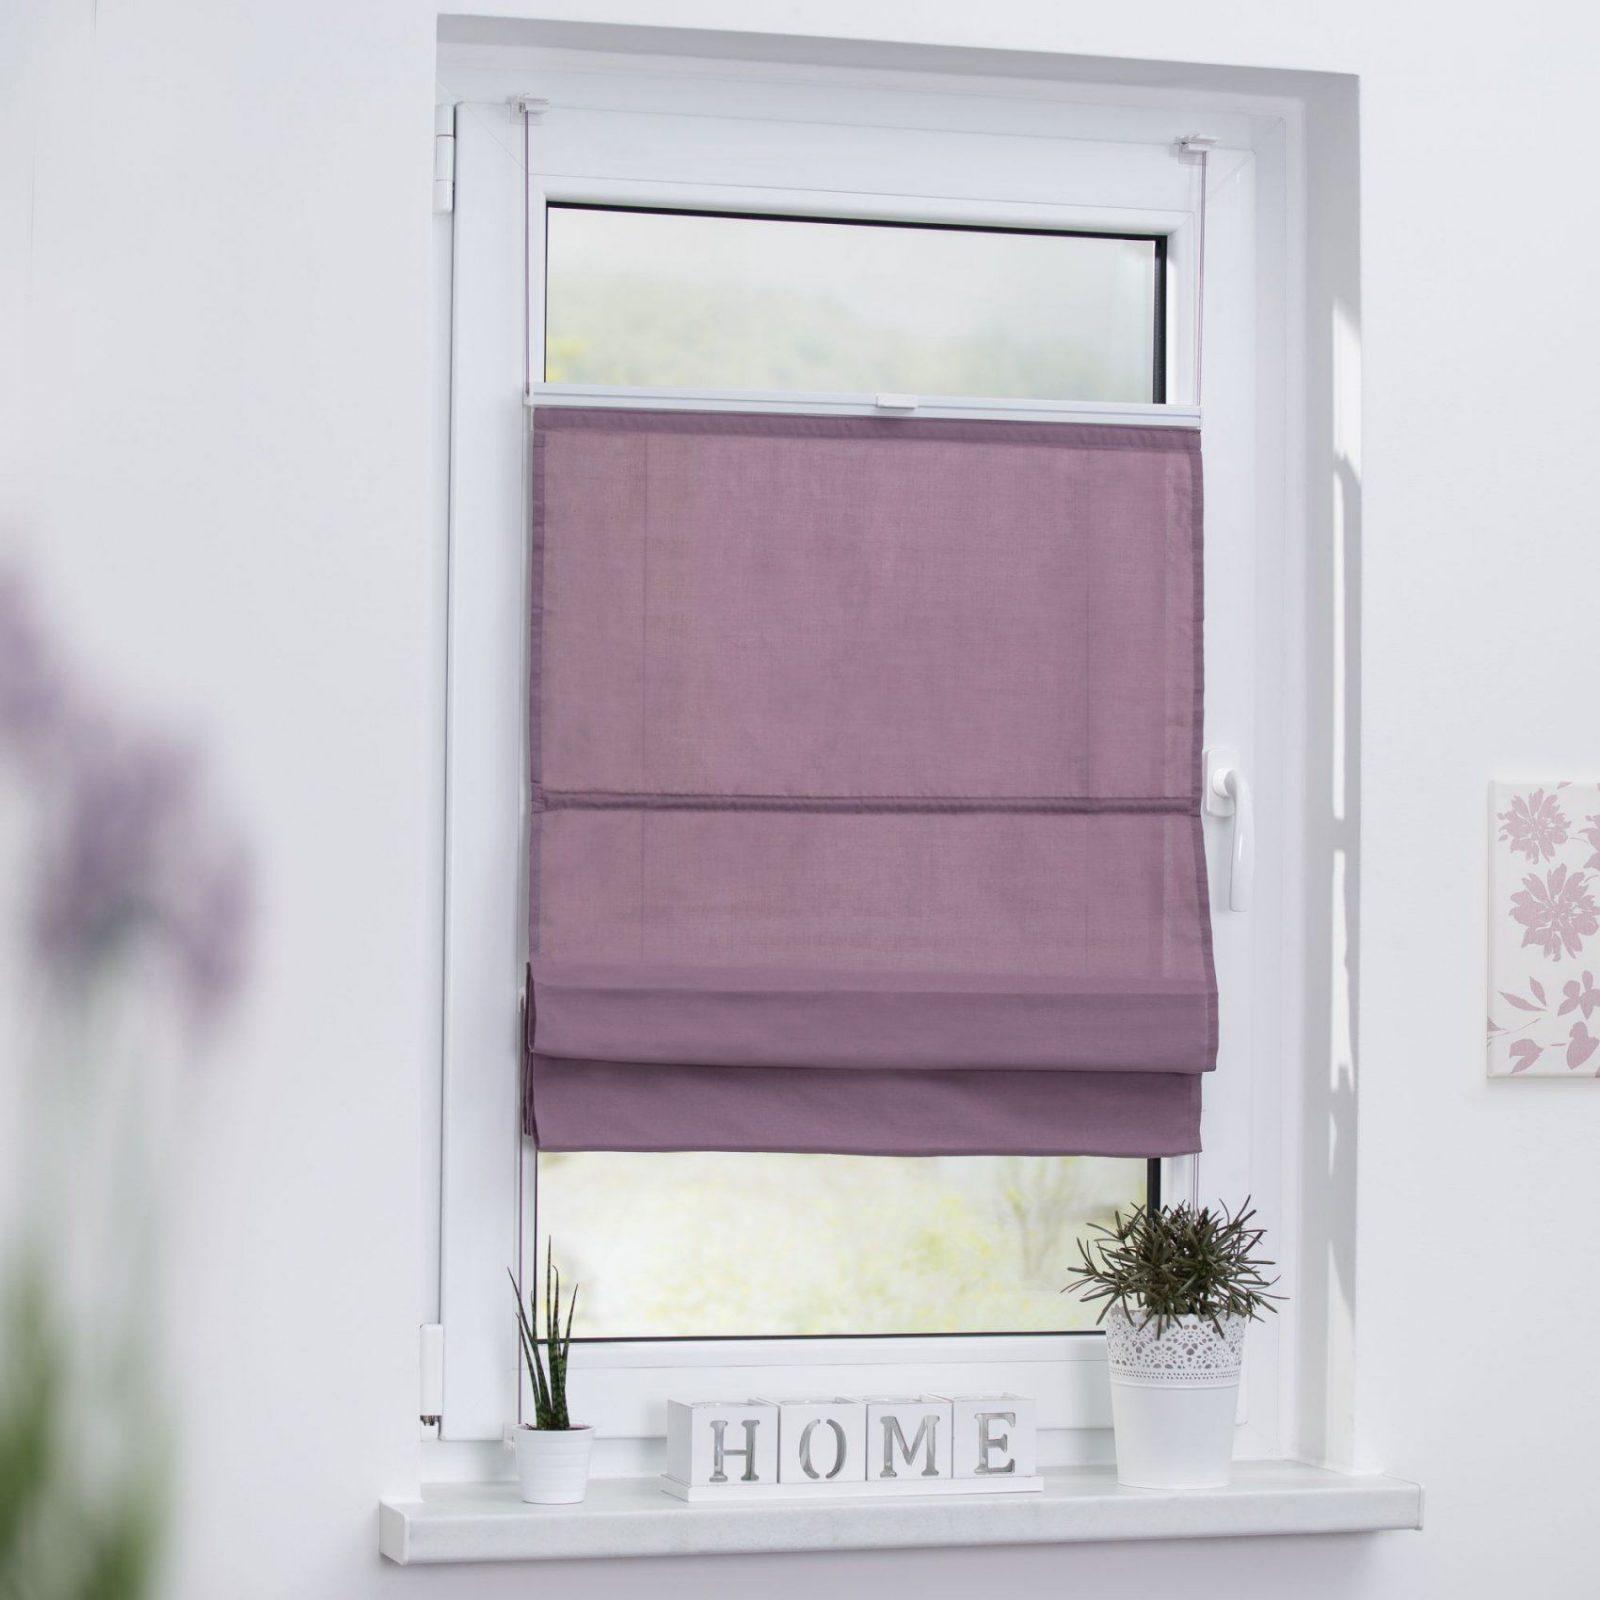 Raffrollo Klemmfix Top Ohne Bohren Verspannt In Pastell von Gardinenbefestigung Am Fenster Ohne Bohren Bild